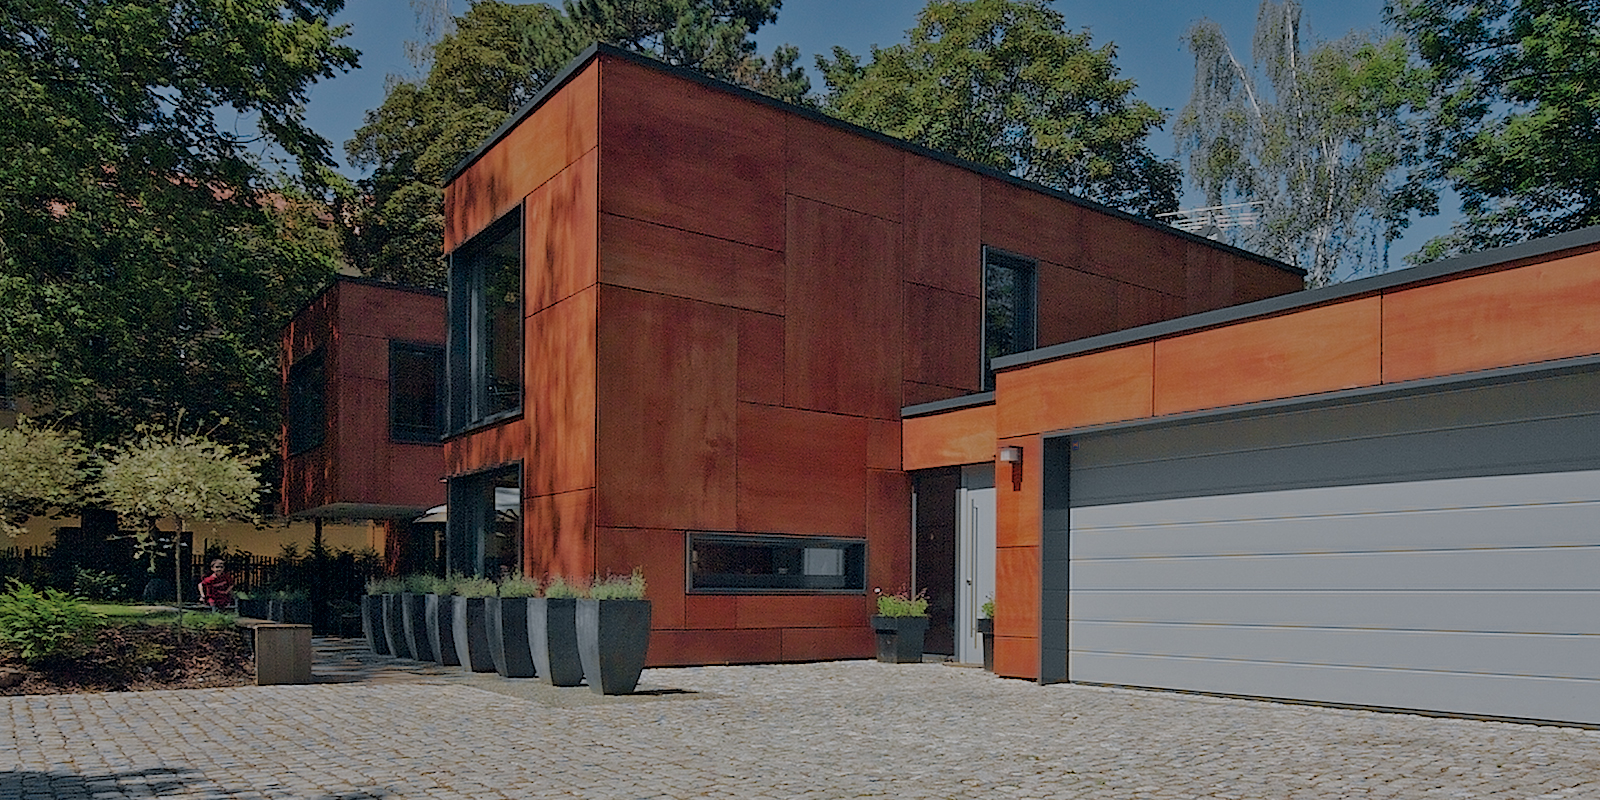 2installazione-assistenza-tecnica-porte-garage-portoni-basculanti-e-sezionali-treviso-venezia-belluno2